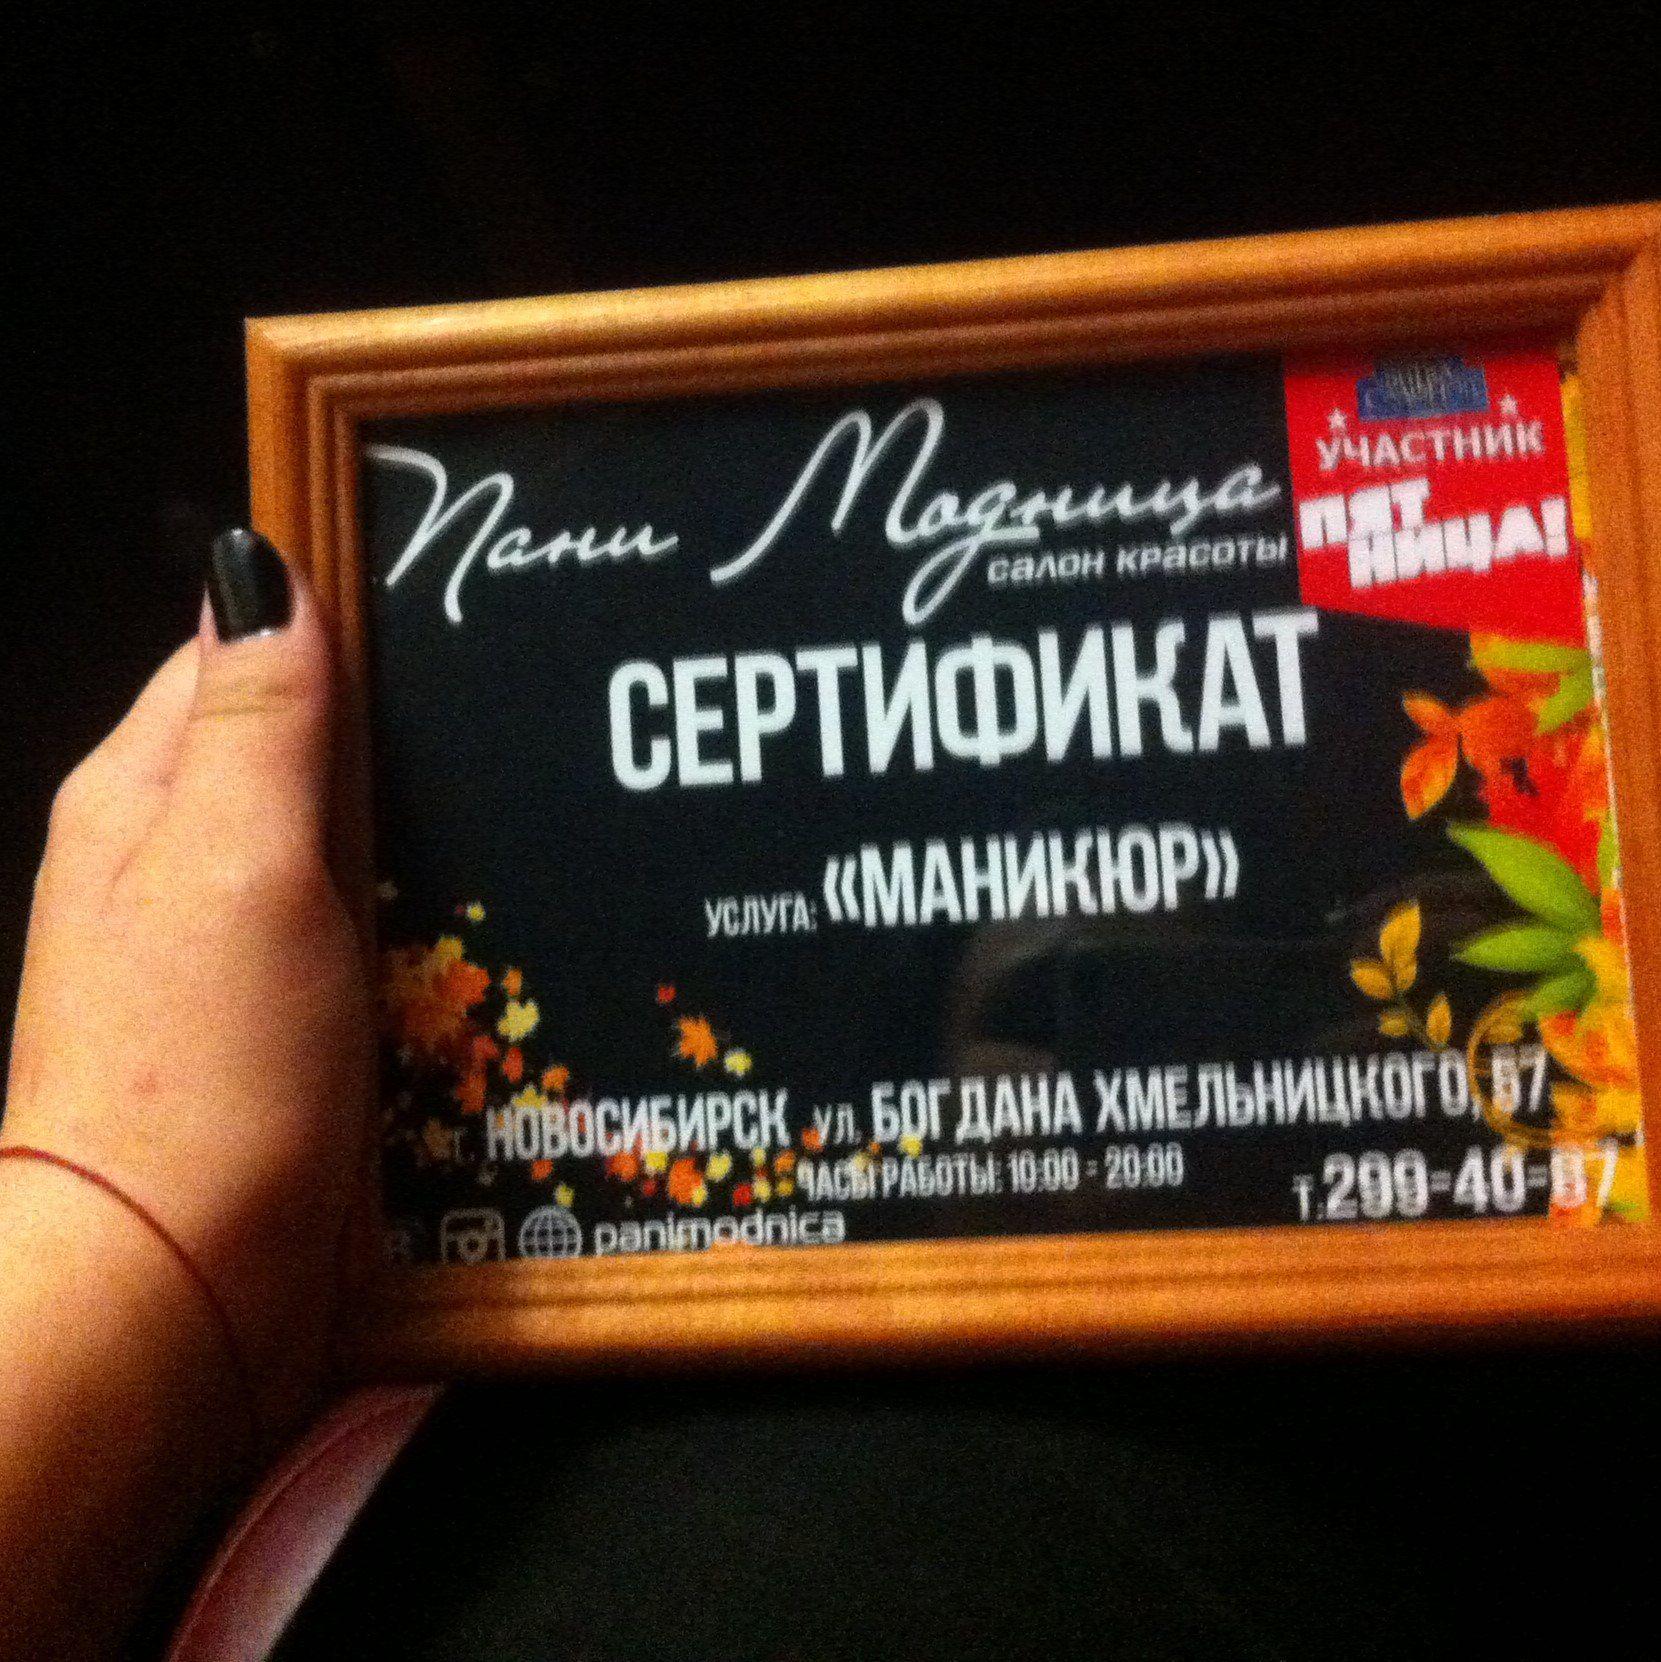 Один мой день в котором школьные уроки, полуфинал КВН и много селфи, Новосибирск, фото 51